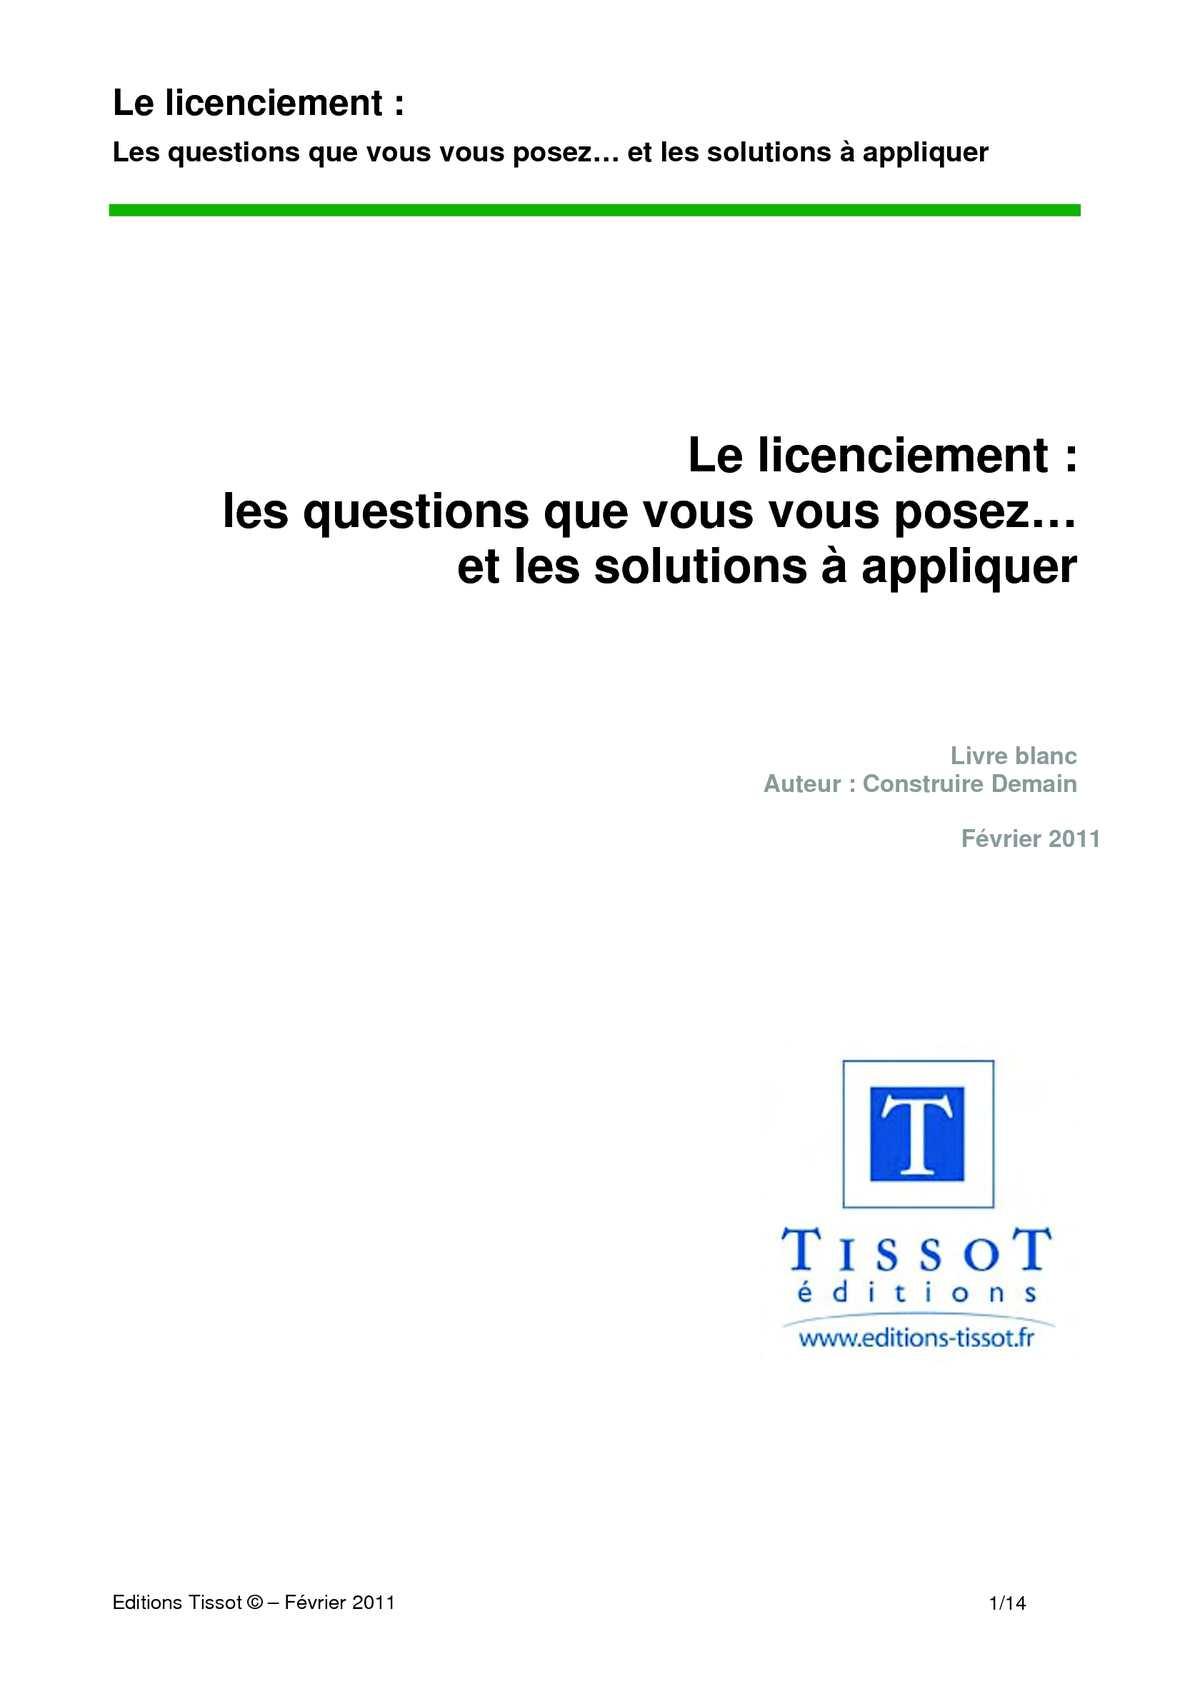 Calameo Licenciement Questions Reponses Editions Tissot